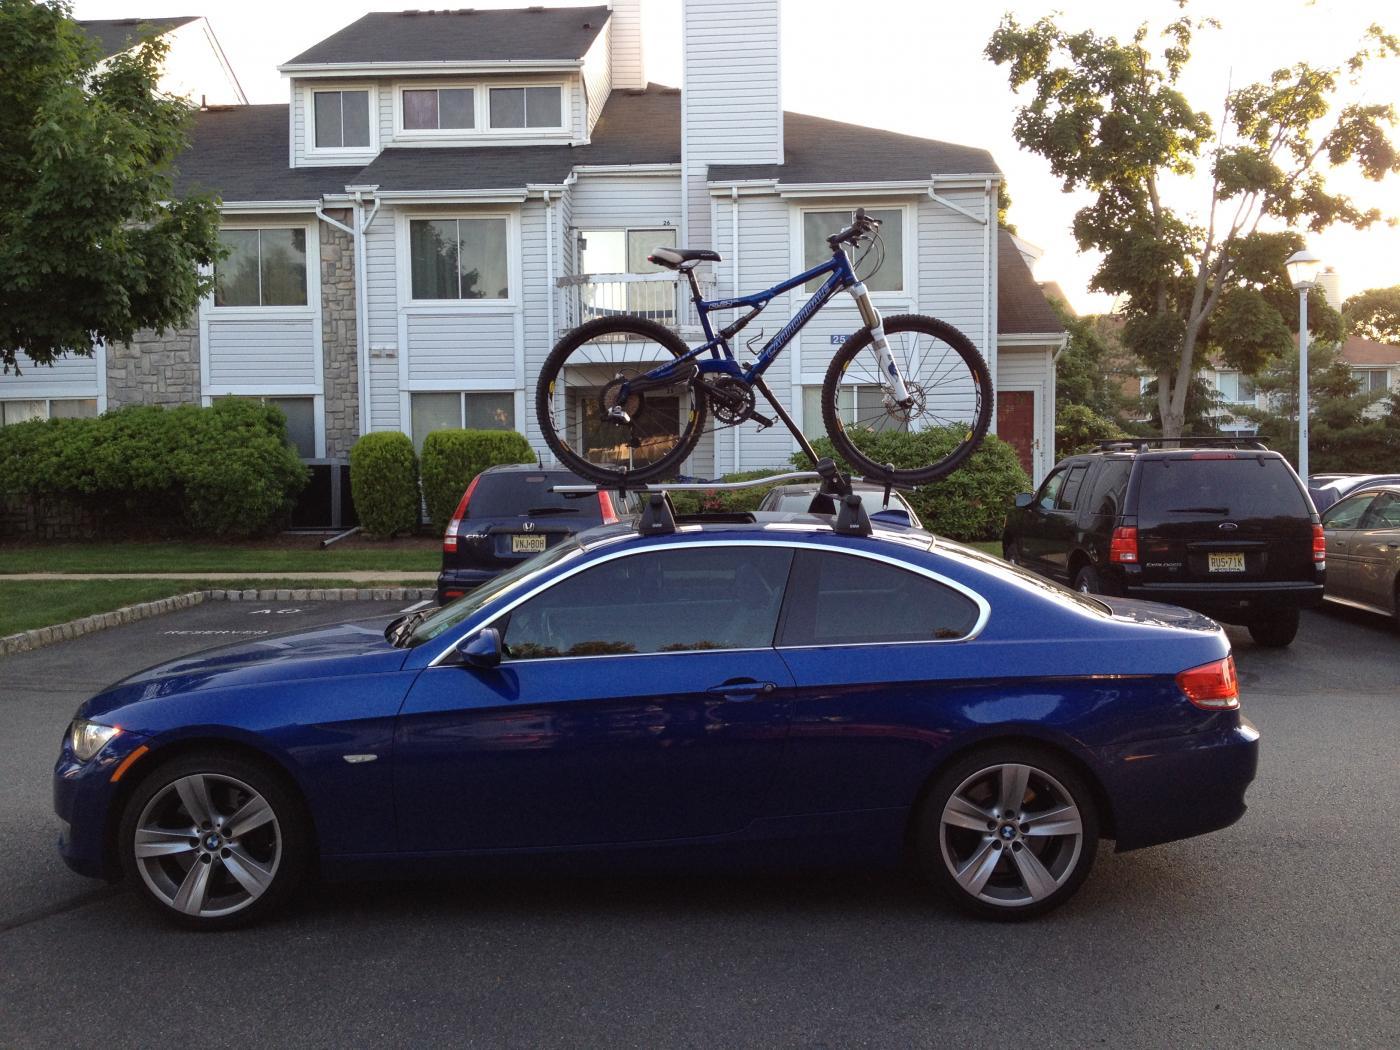 Best Bike Rack For I - Bmw 335i bike rack